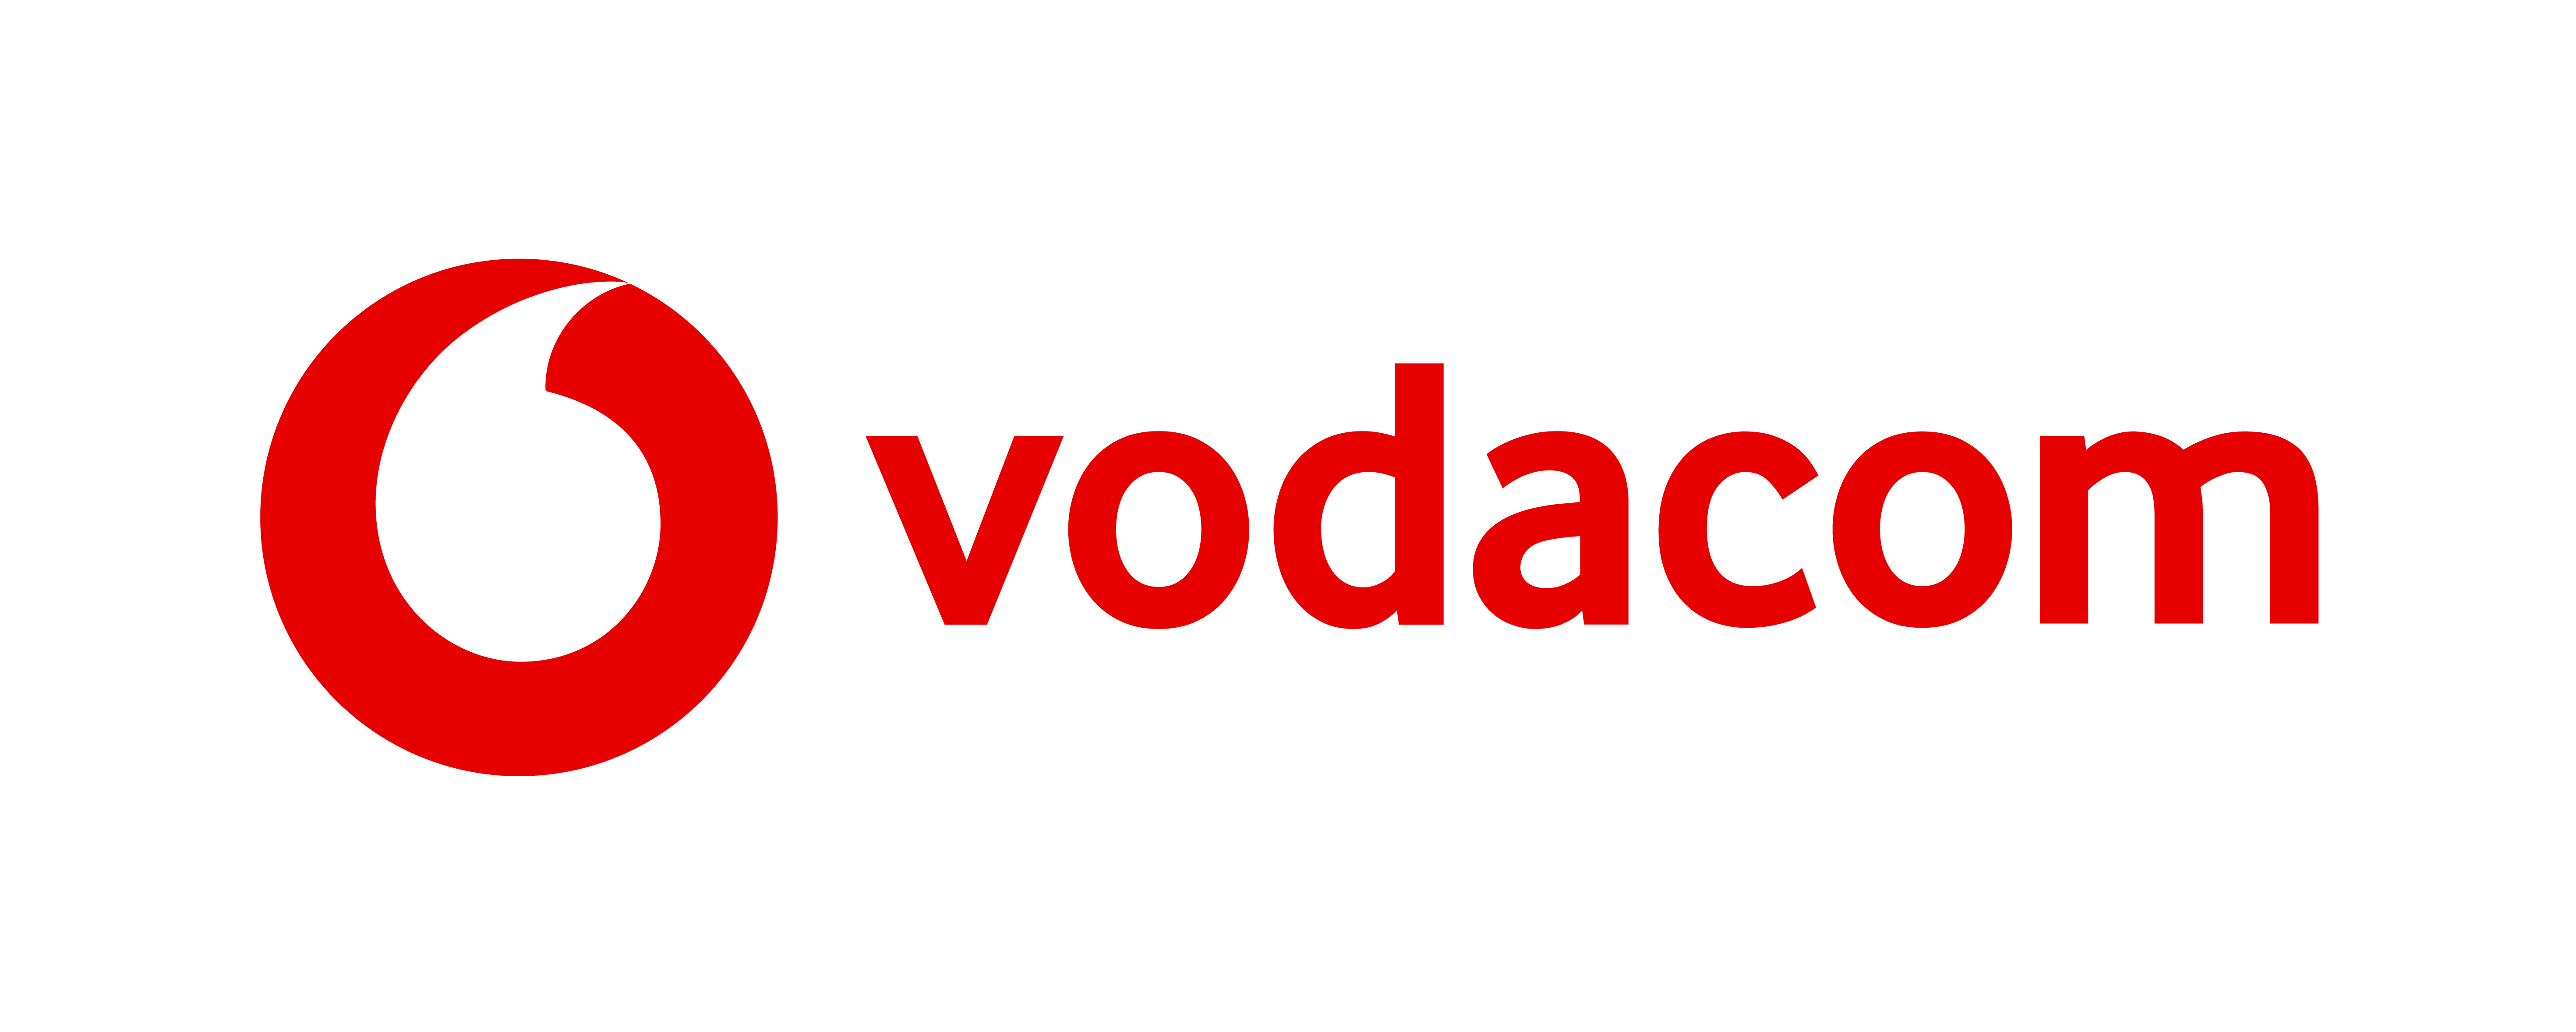 Vodacom Fibre 20/5Mbps Uncapped